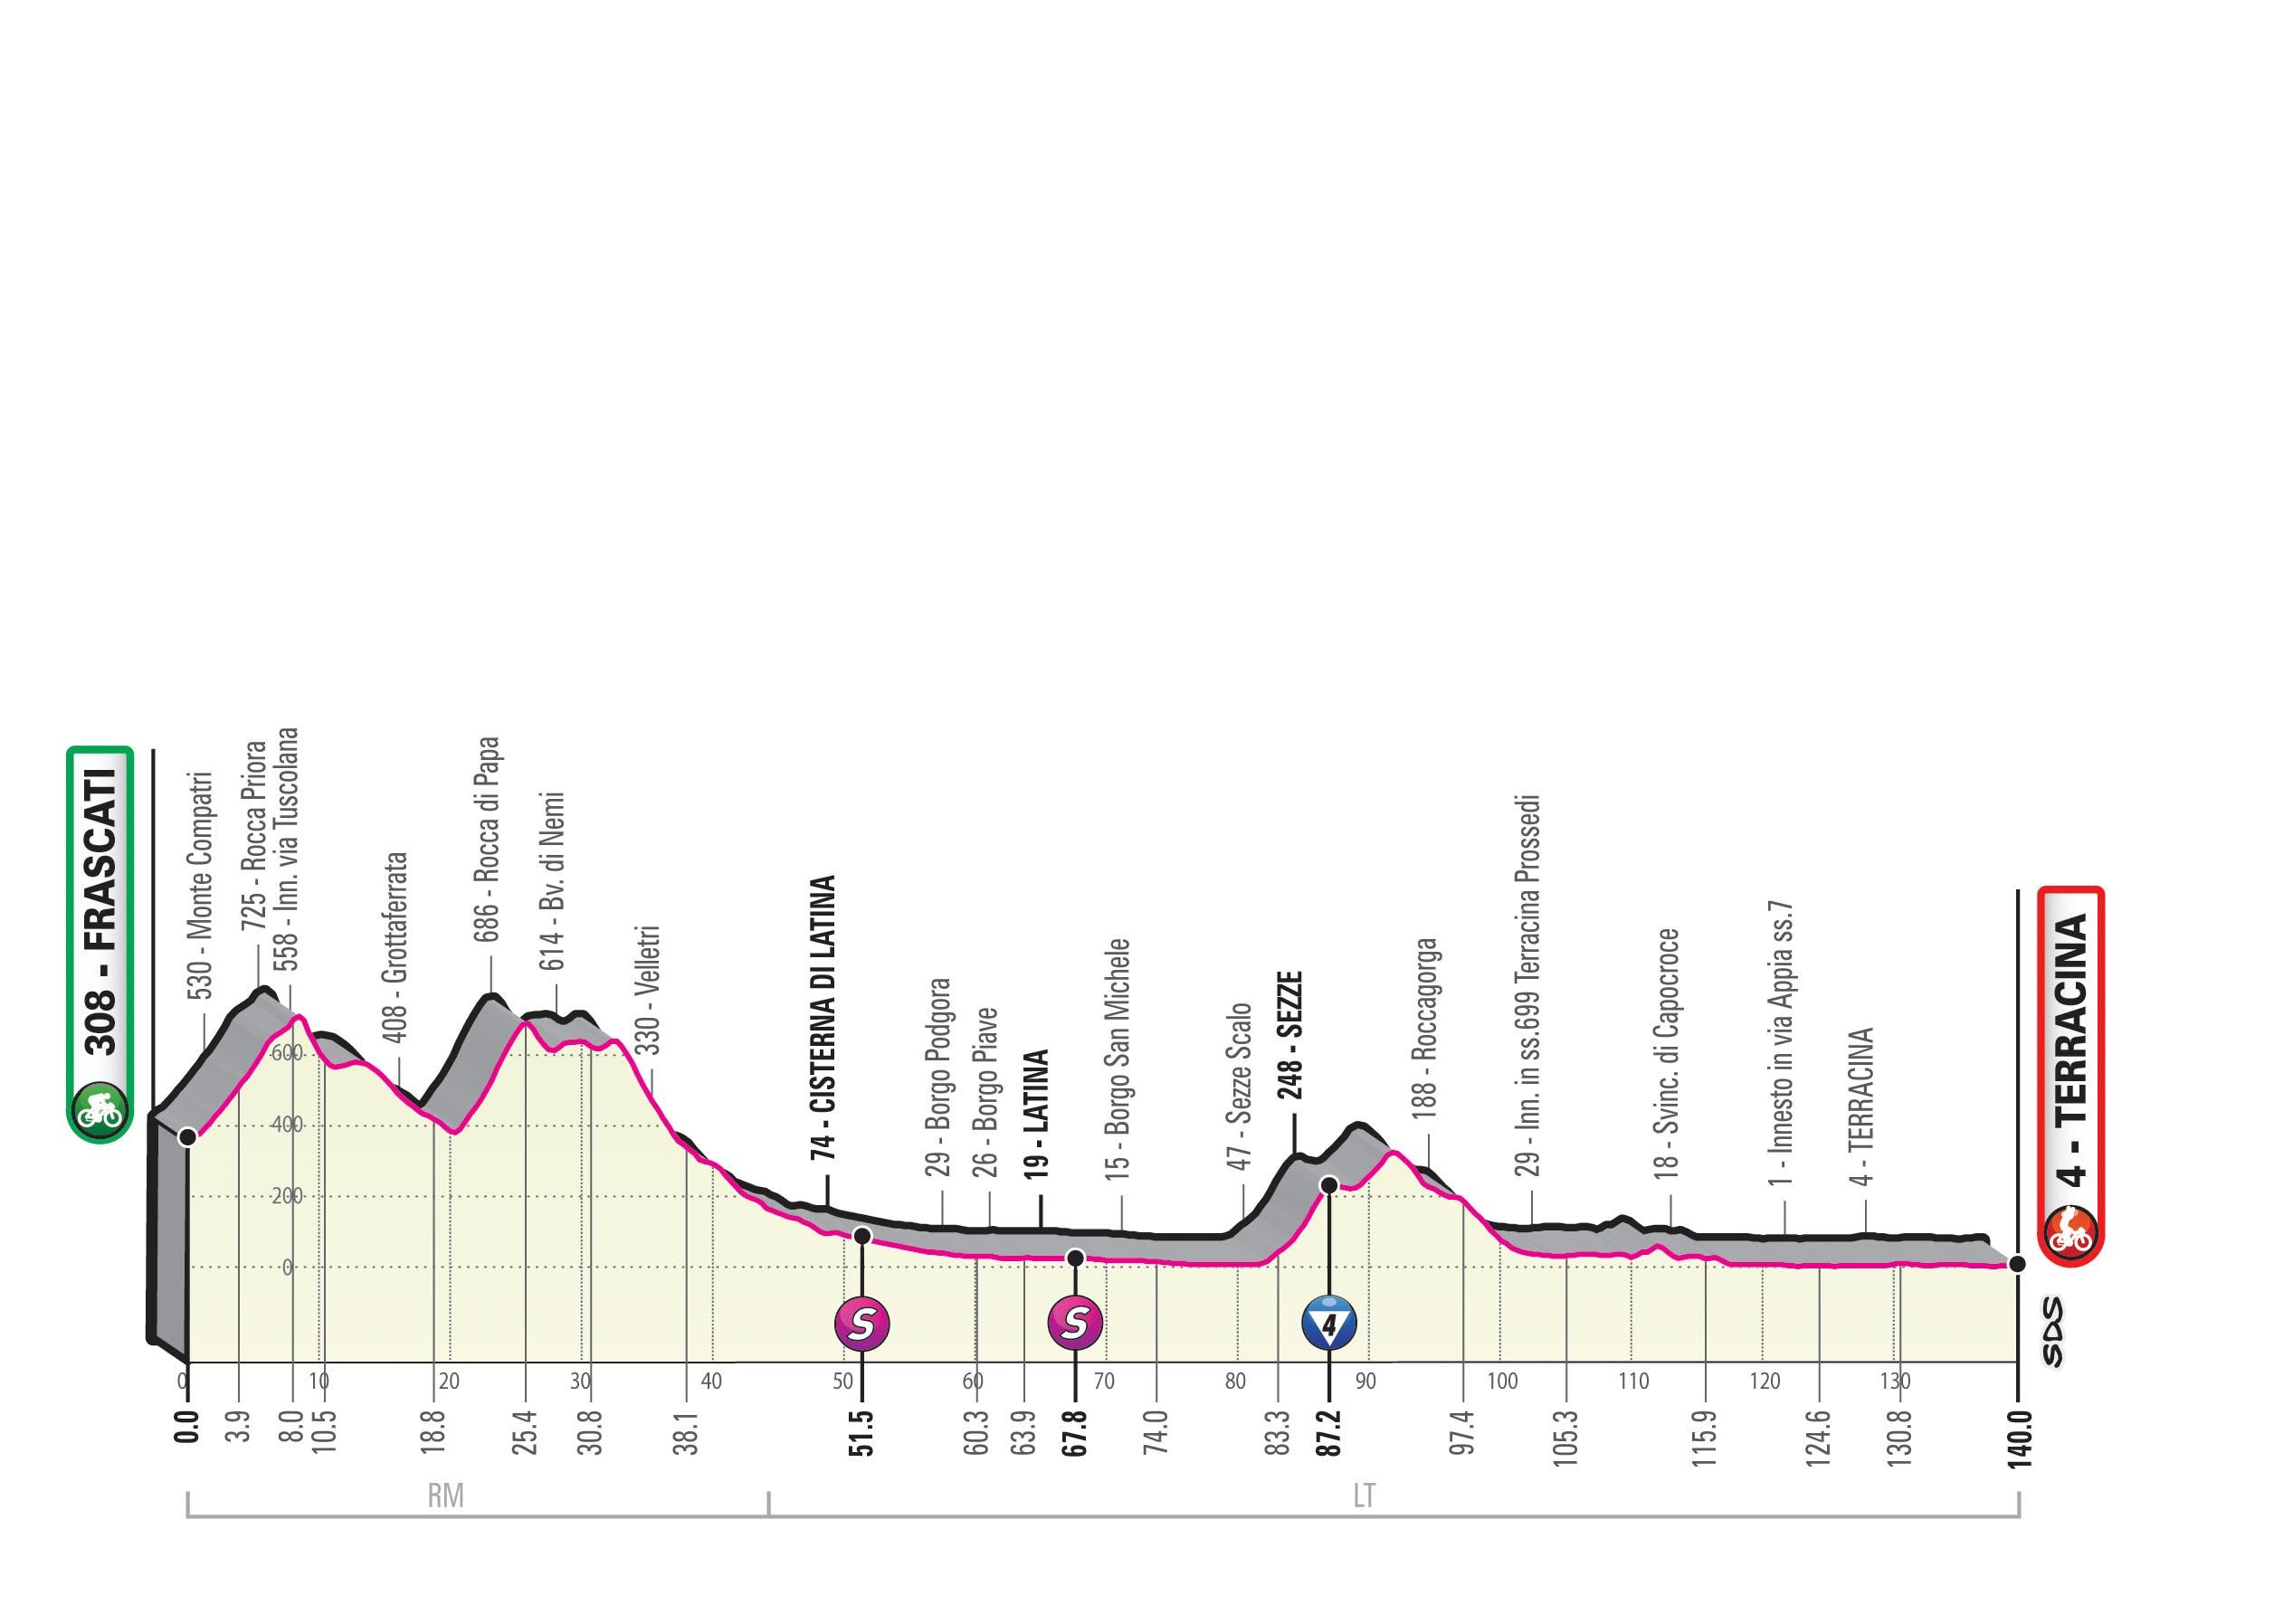 Giro 2019 Etapp 5